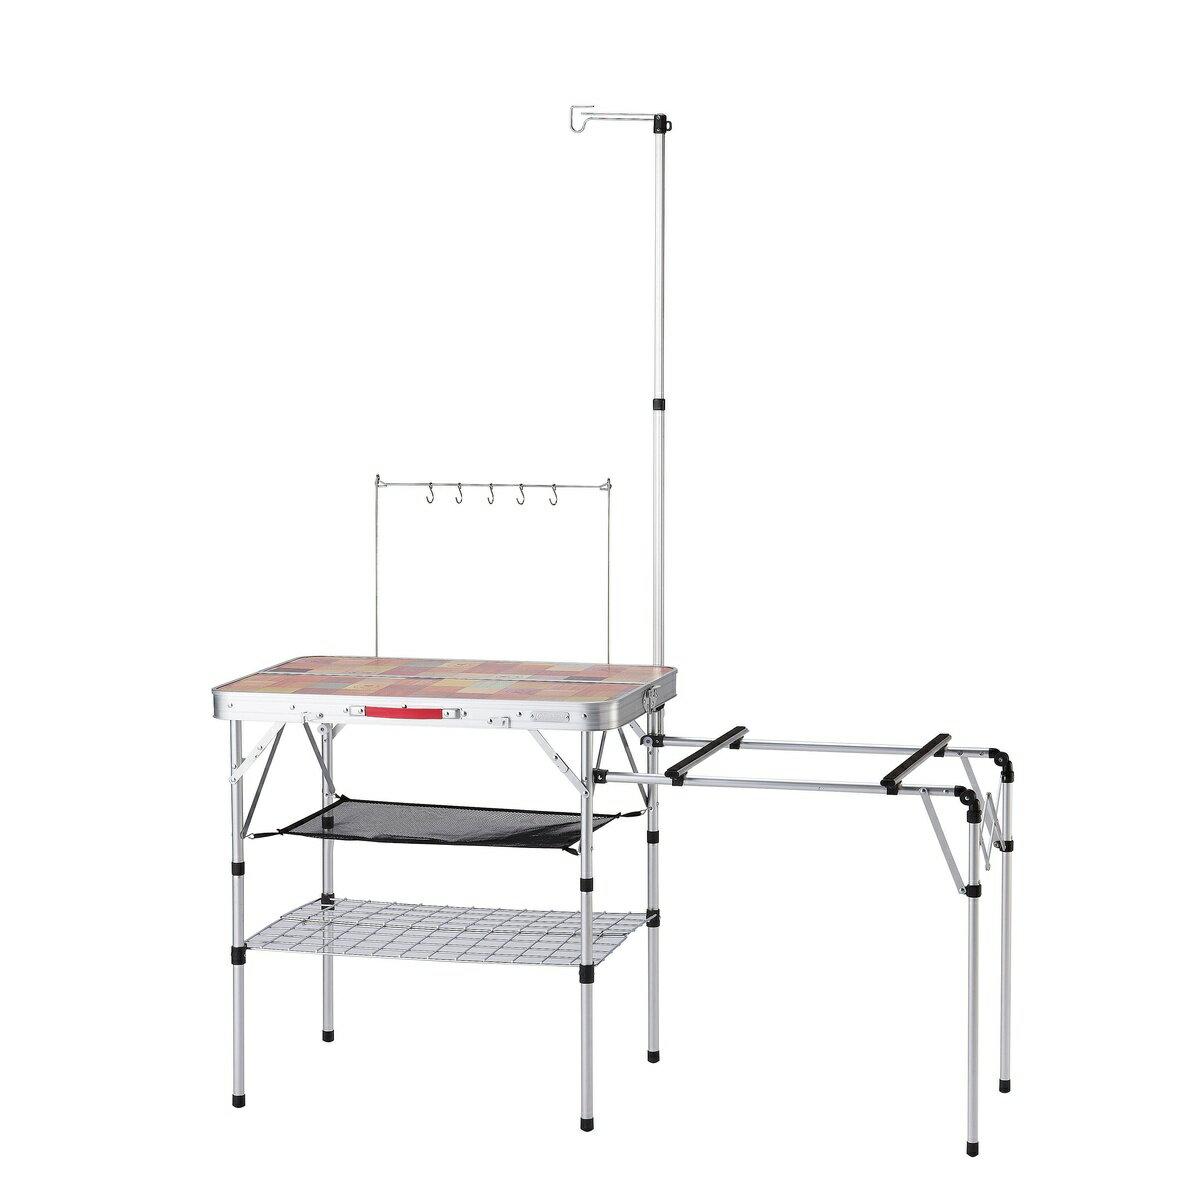 ● 【送料無料】 COLEMAN (コールマン) キャンプ用品 キッチンテーブル 一体型テーブル オールインワンキッチンテーブル 2000031294